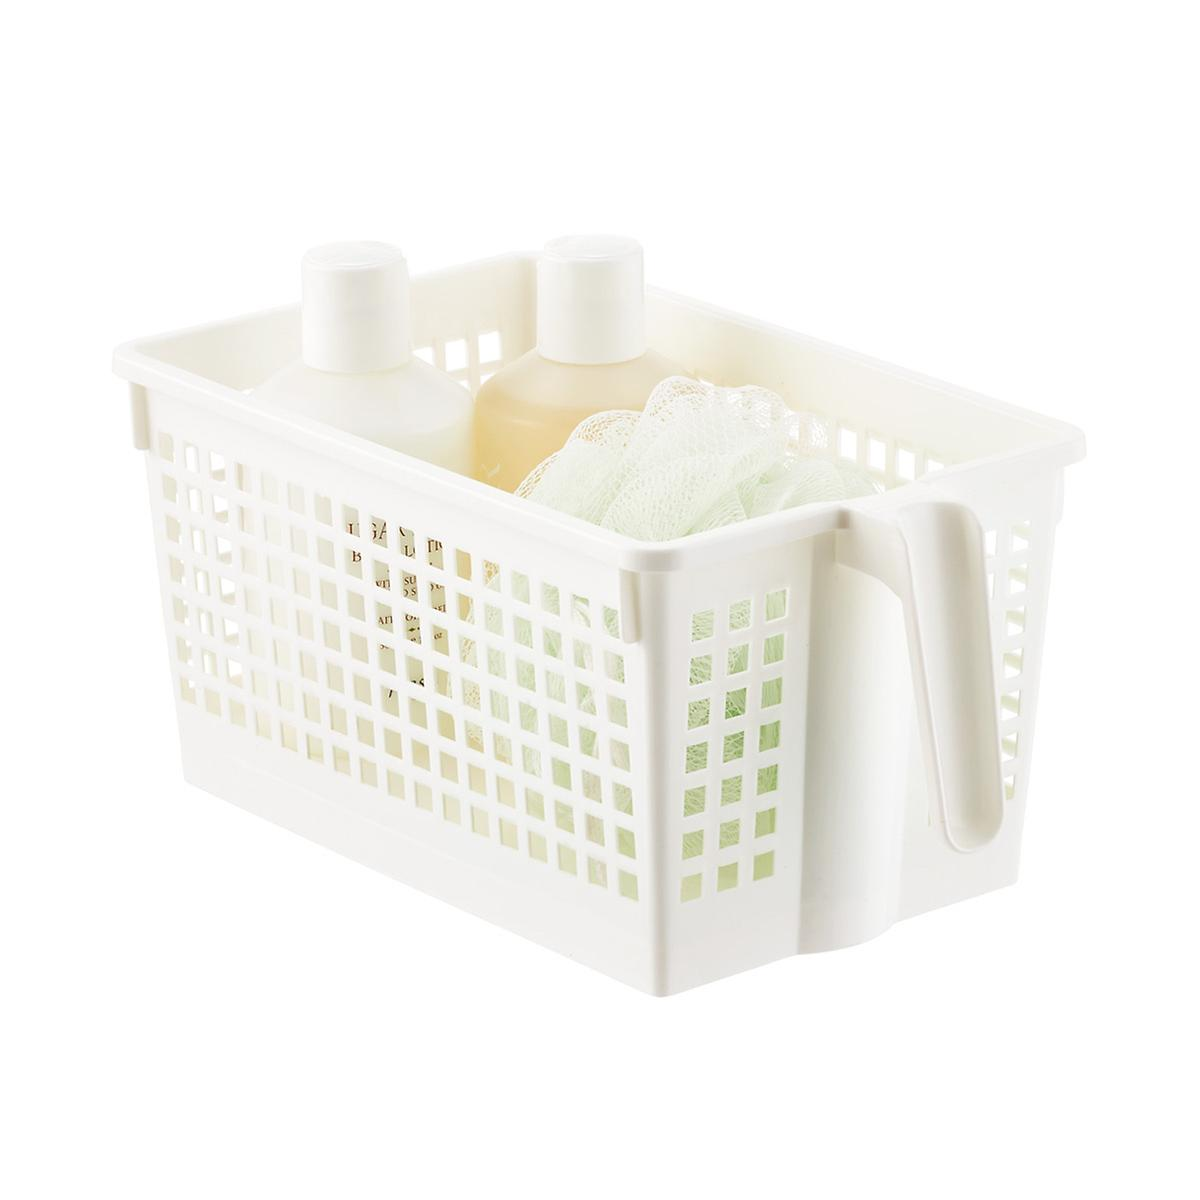 10061975-handled-storage-basket-smal.jpg